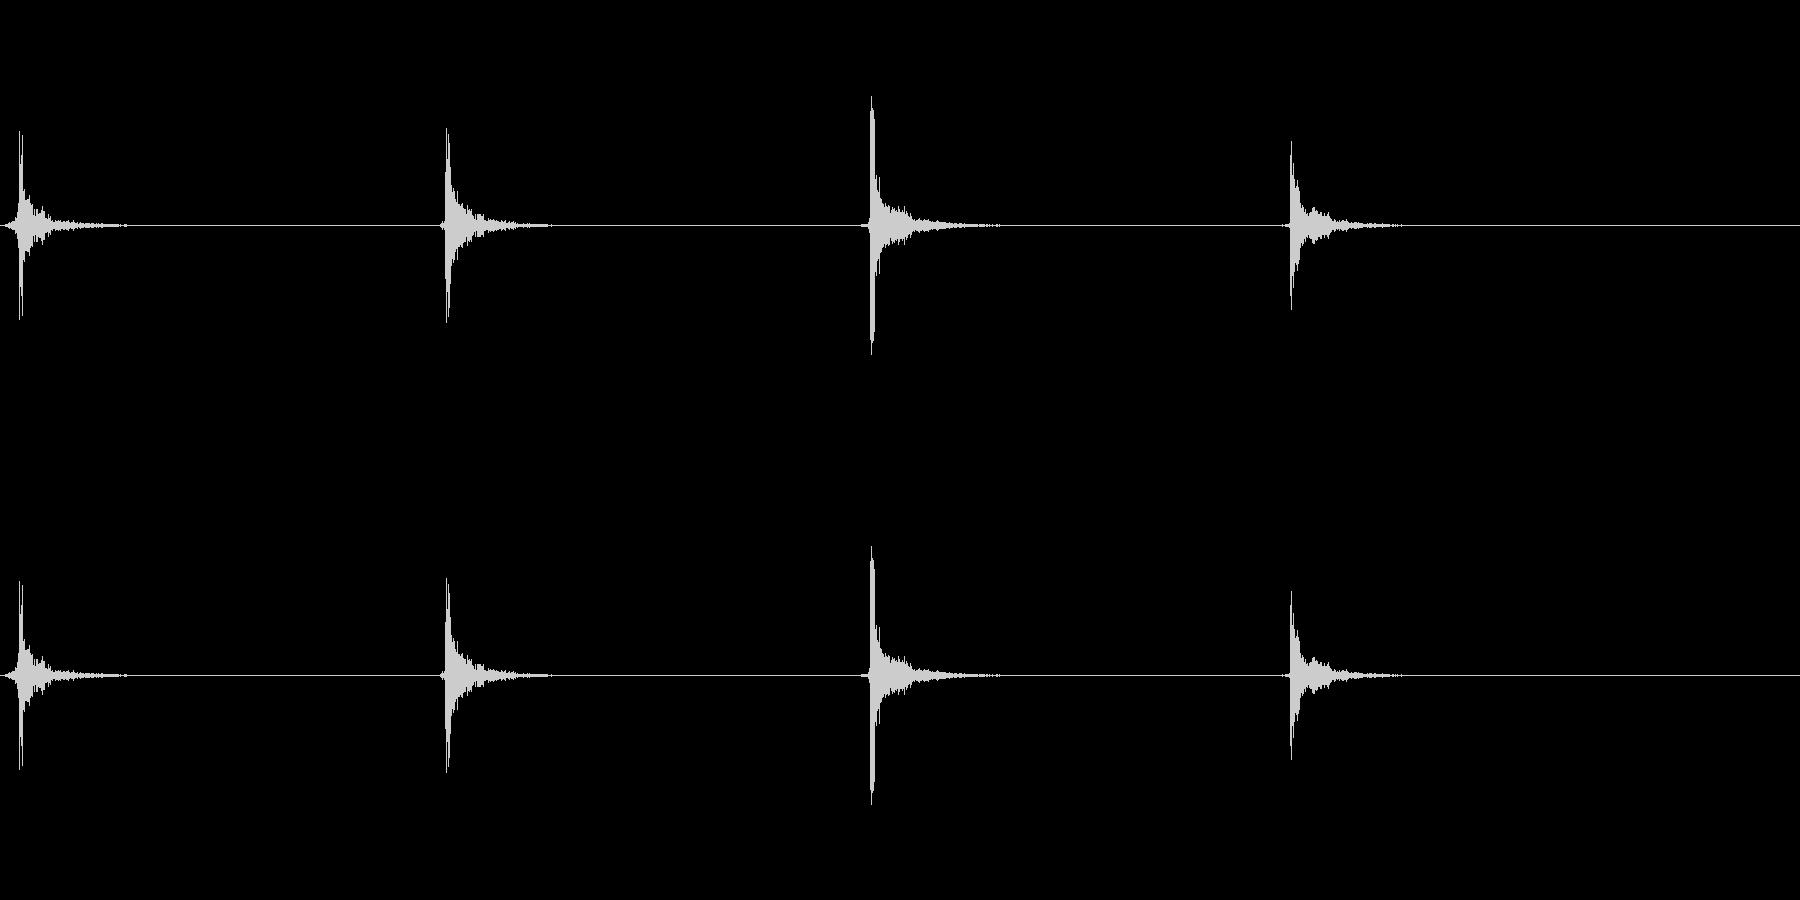 ドラムカウントの未再生の波形